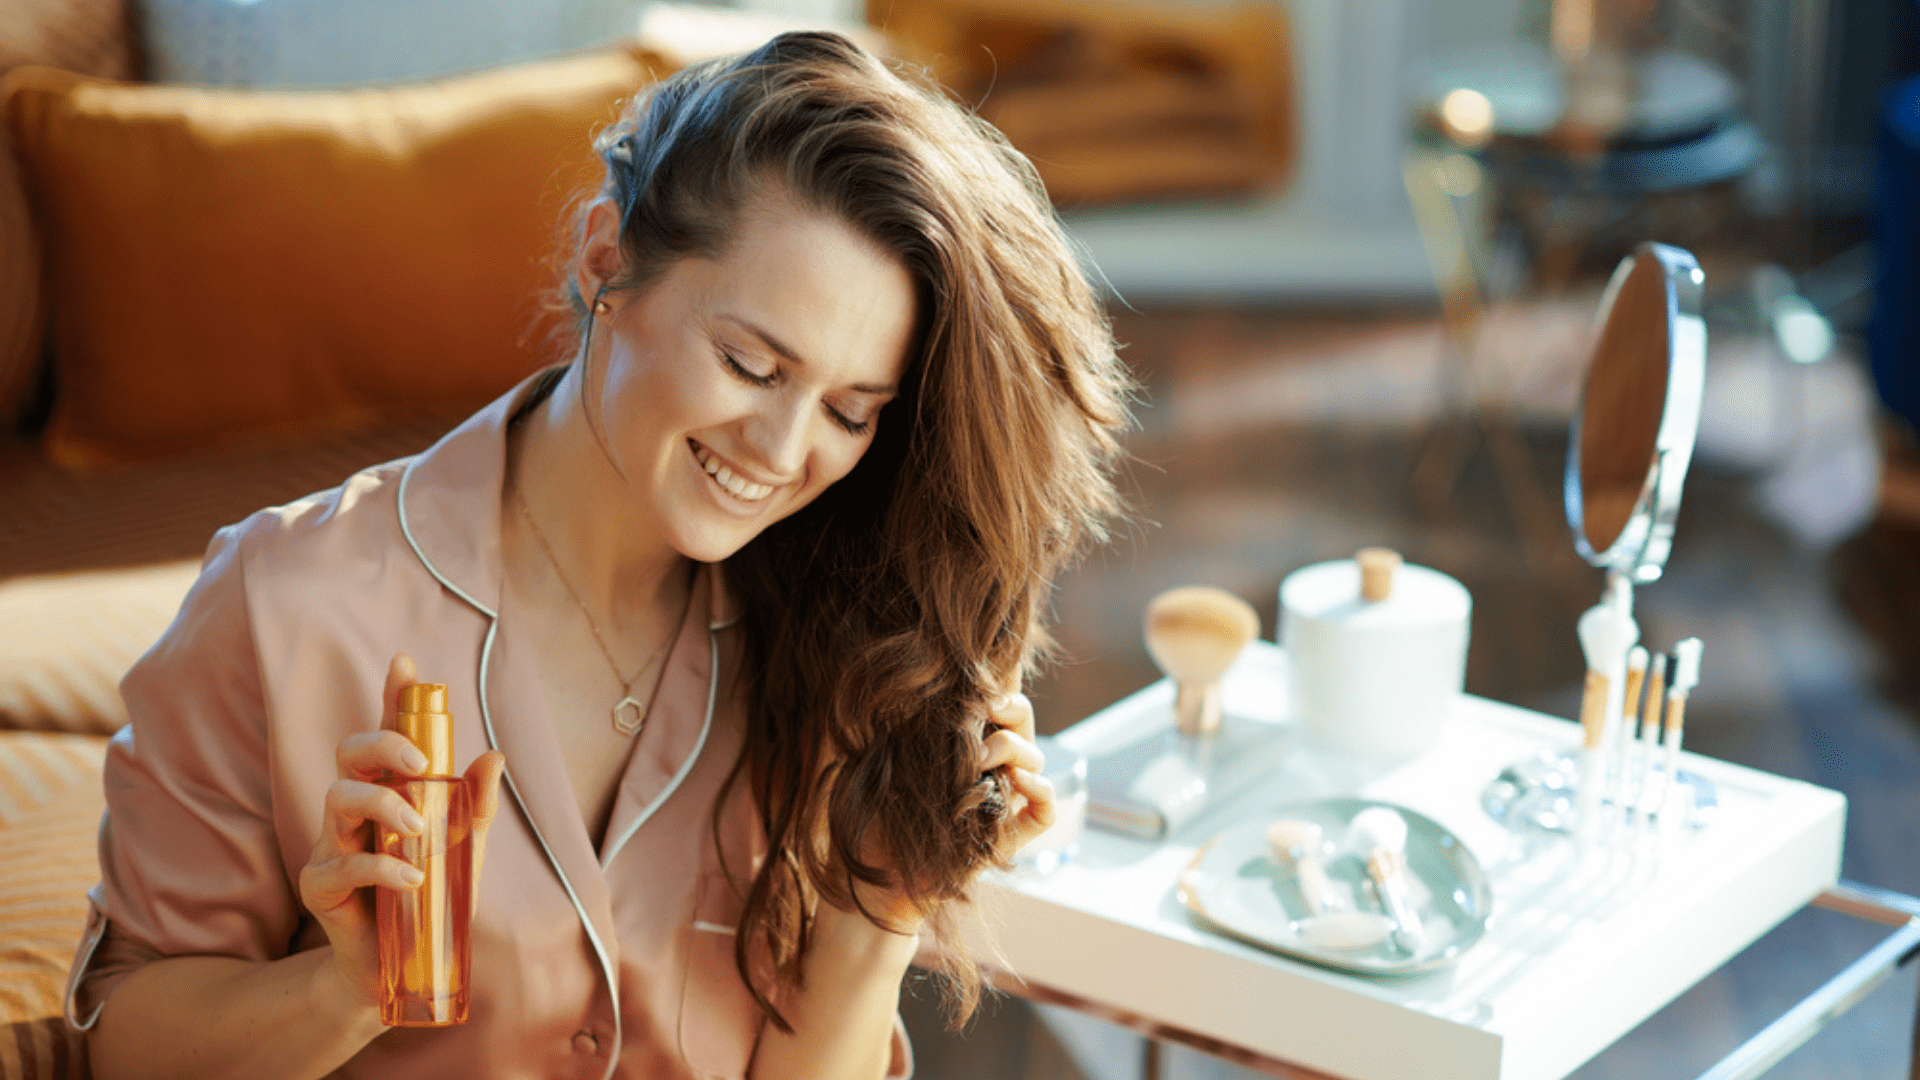 Confira algumas dicas de cuidados com o cabelo (Imagem: Reprodução/Shutterstock)